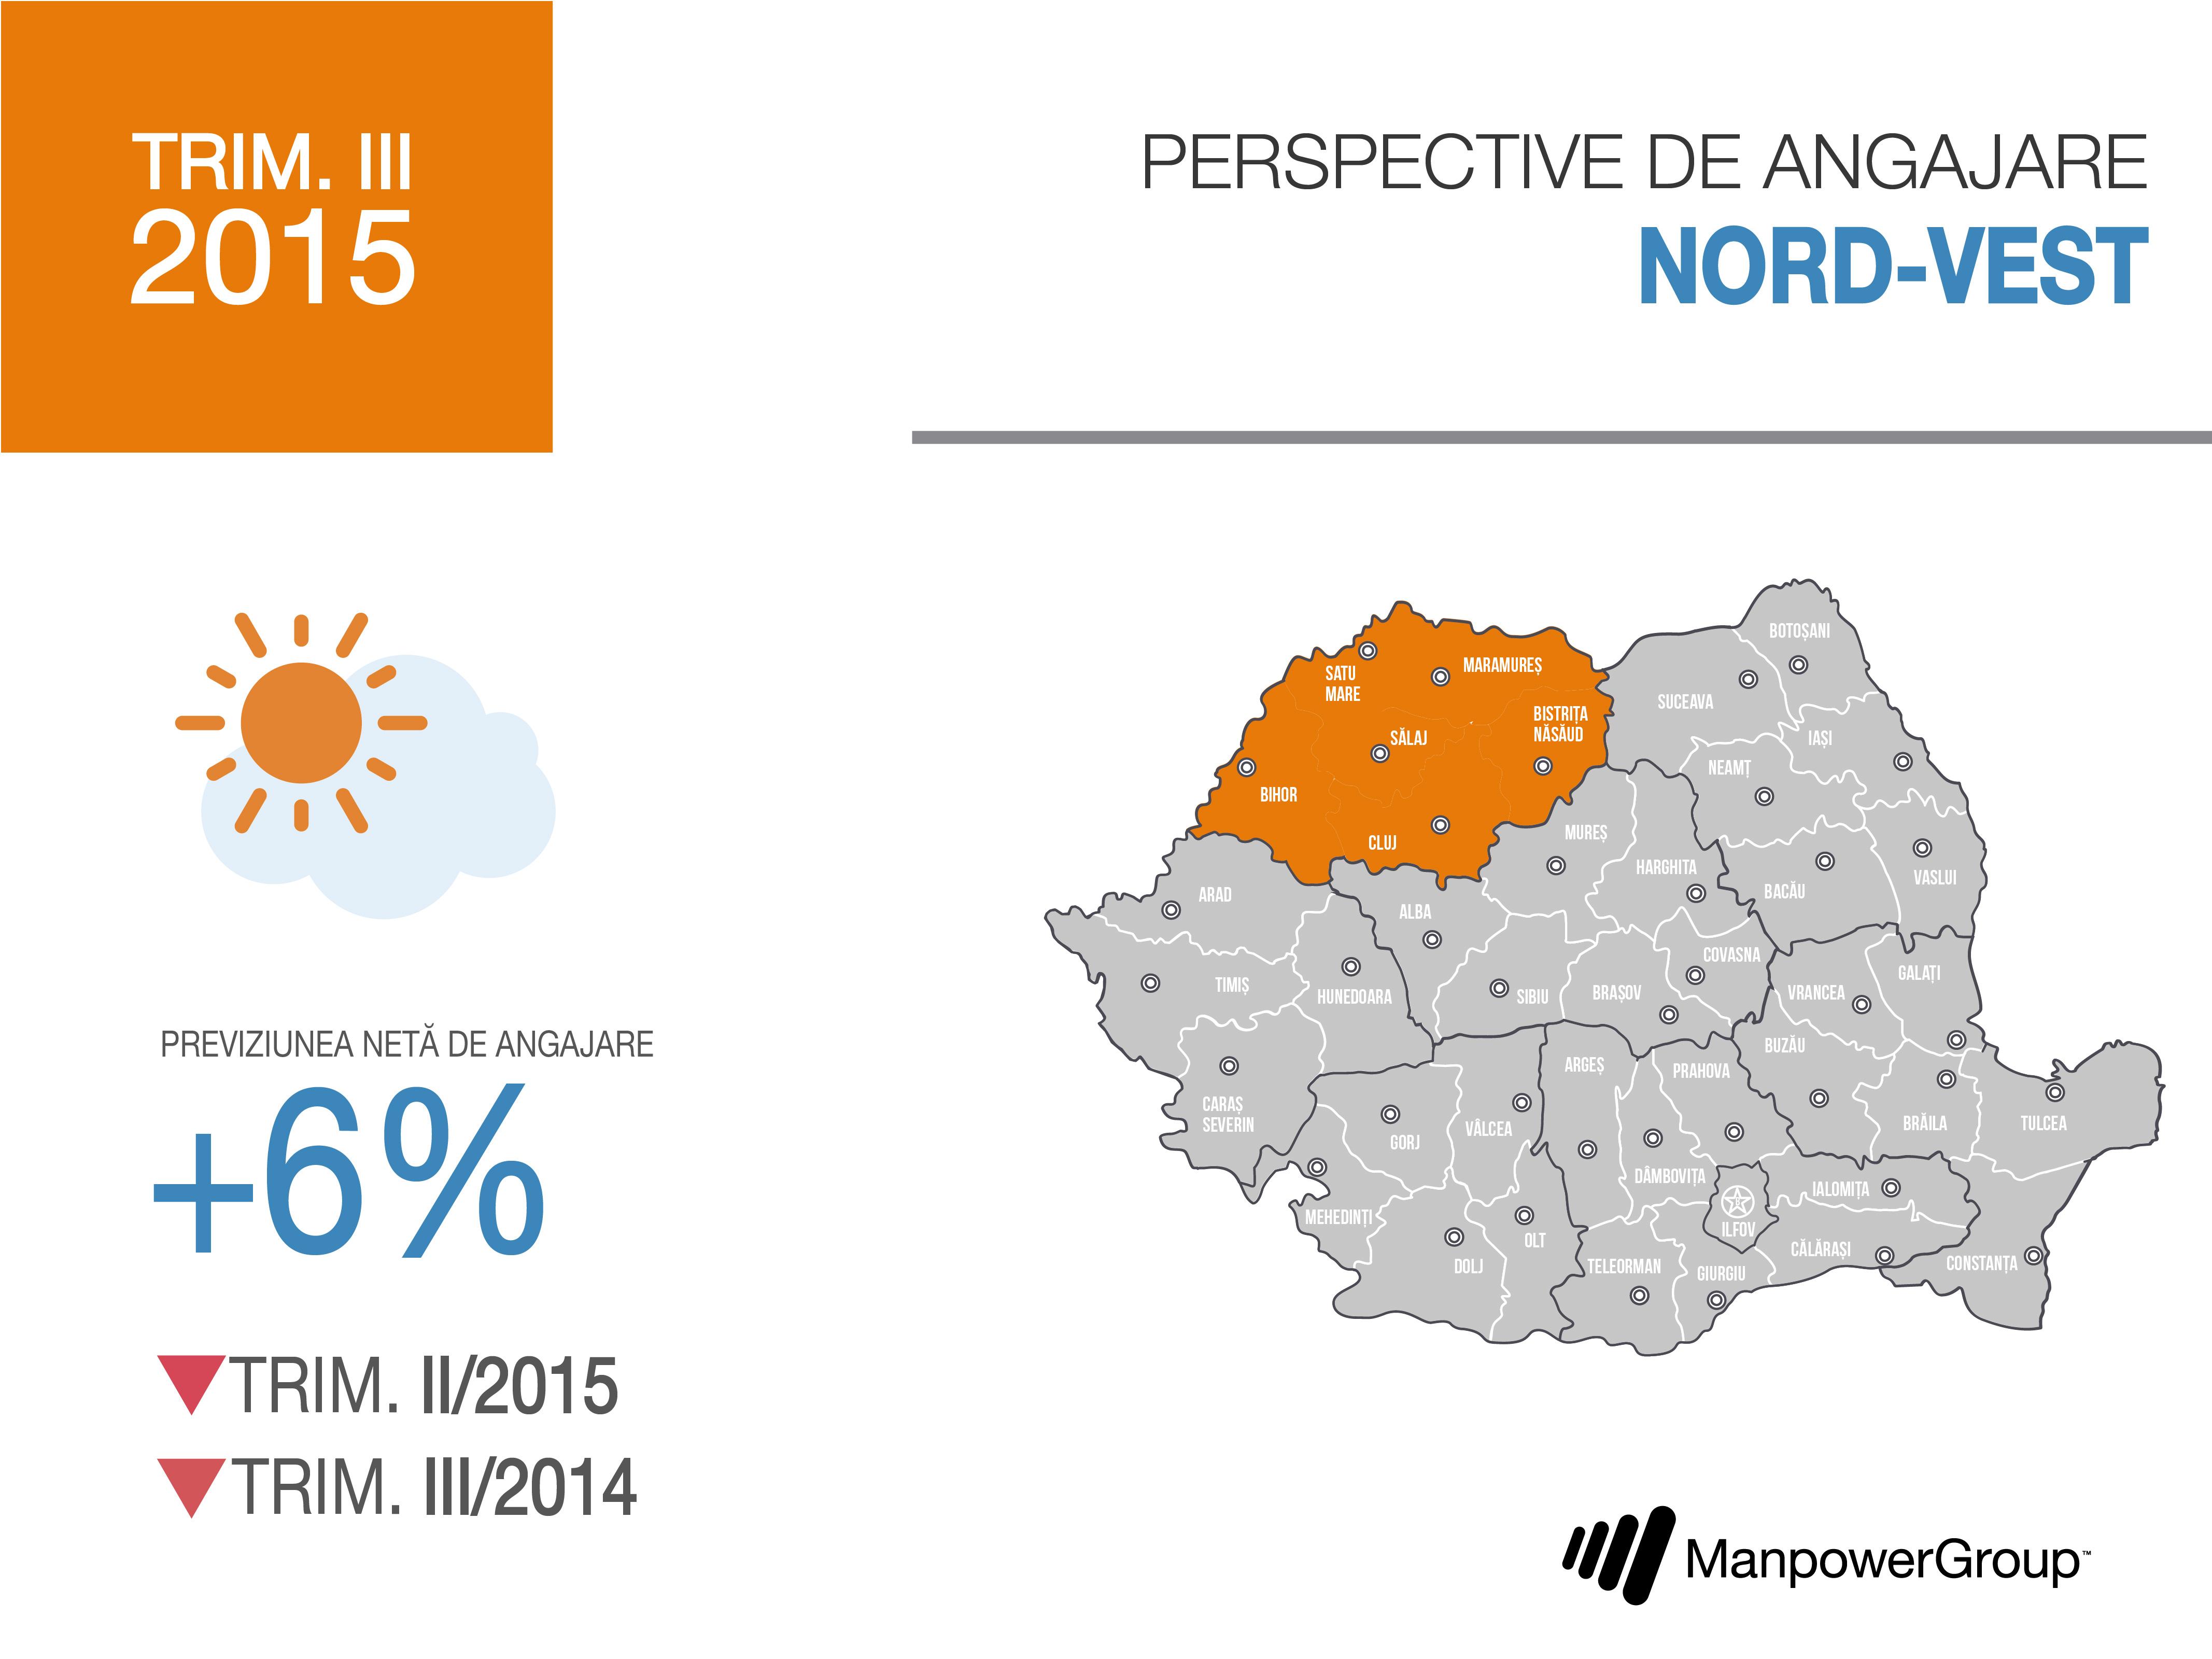 Angajatorii români prevăd un climat de angajare în mare parte pozitiv în trimestrul III